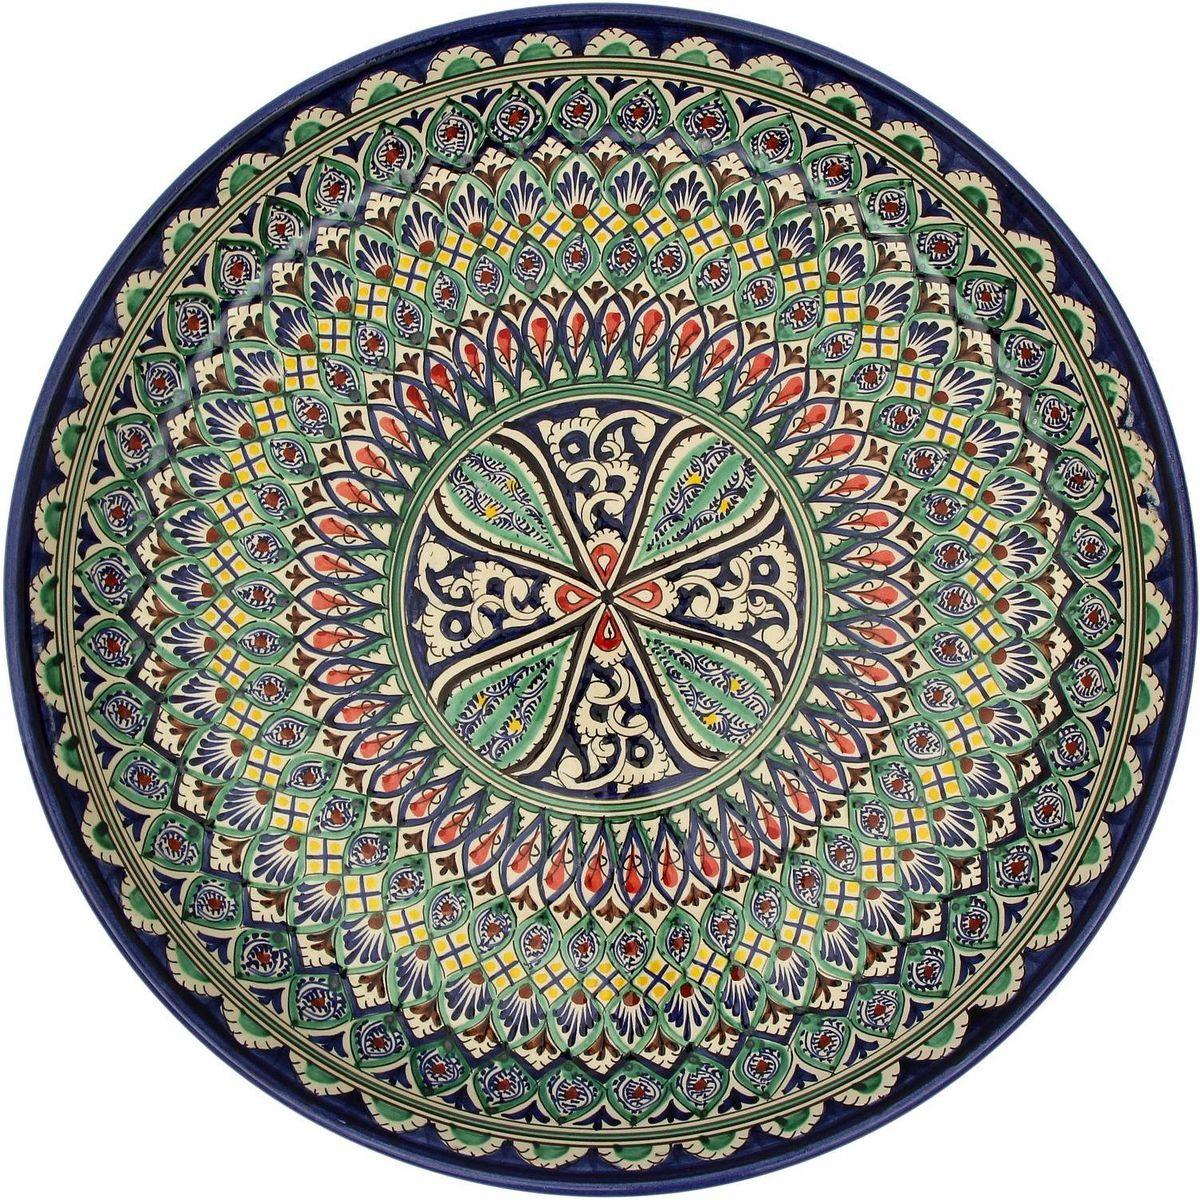 Ляган Риштанская керамика, диаметр, 45 см. 21550012155001Ляган — это не просто обеденный атрибут, это украшение стола. Посуда с национальной росписью станет отменным подарком для ценителей высокородной посуды.Риштан — город на востоке Узбекистана, один из древнейших в Ферганской долине. С давних времён Риштан славится своим гончарным искусством изготовления цветной керамики. Красноватую глину для изделия добывают в самом городе. Мастера утверждают, что их глина настолько высокого качества, что даже не нуждается в предварительной обработке. Дополните коллекцию кухонных аксессуаров пряными восточными нотами.